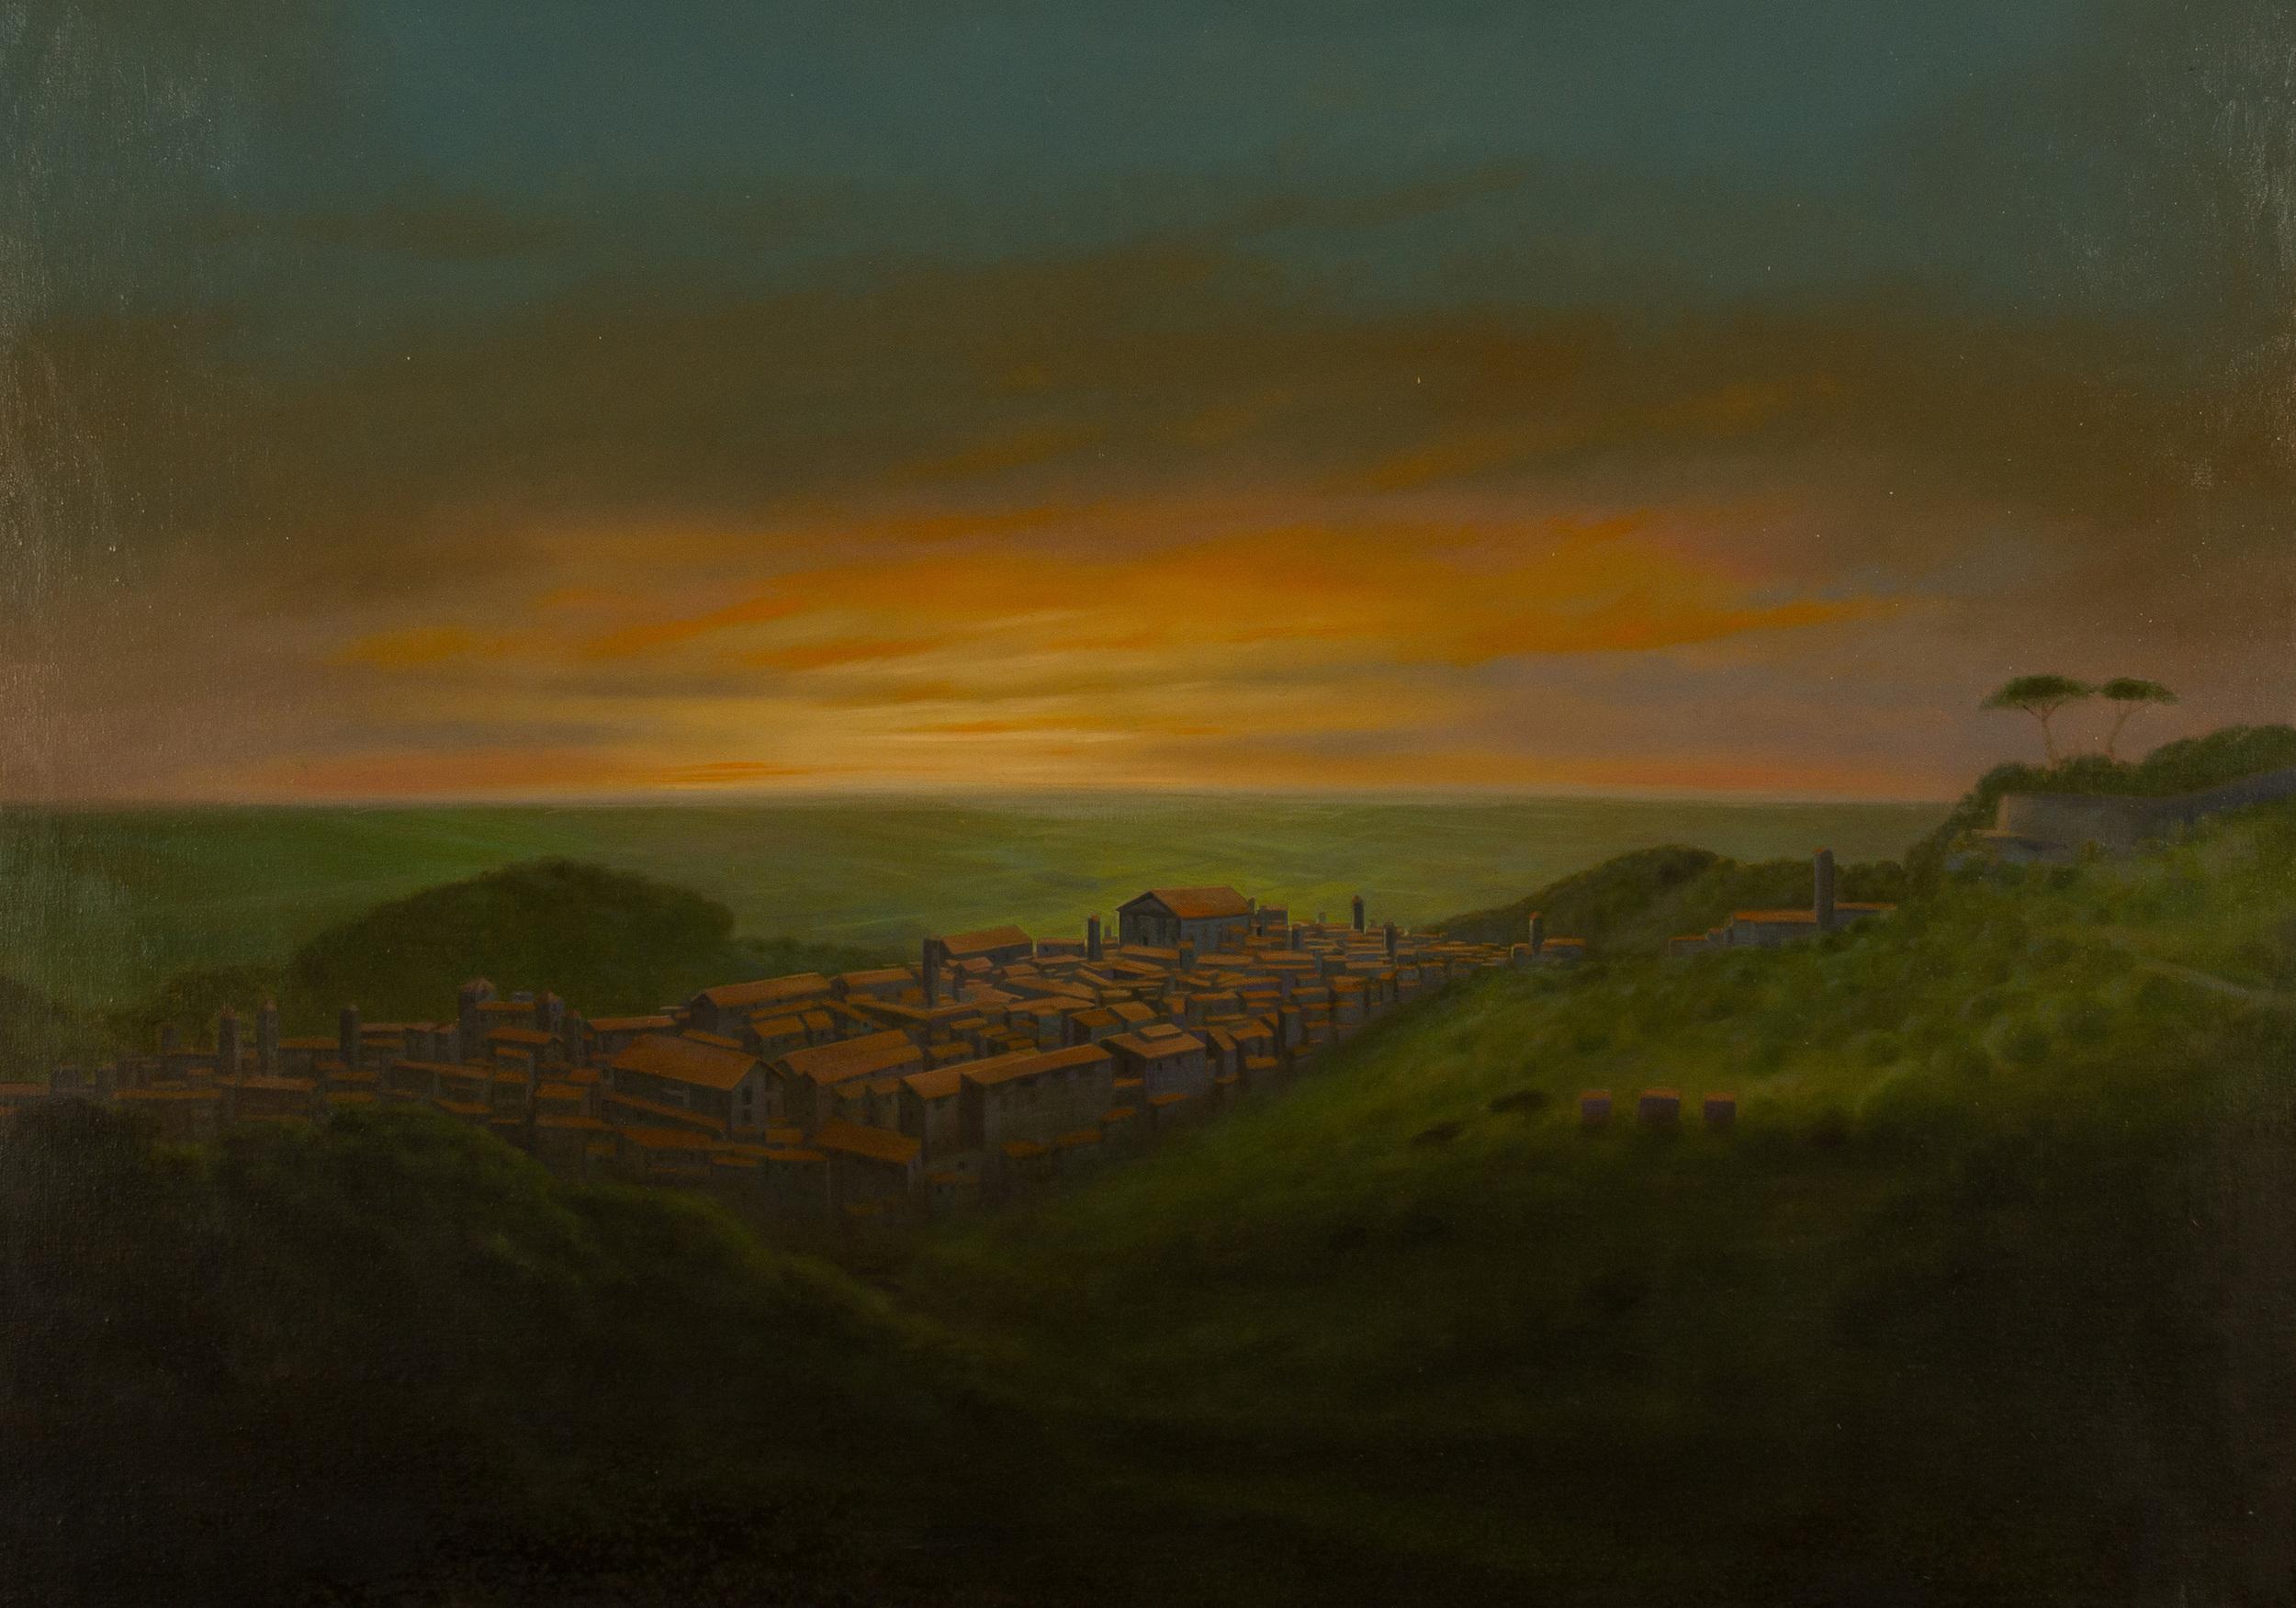 L'ora della poesia. Albalonga , olio su tela, cm 80x100, 2005